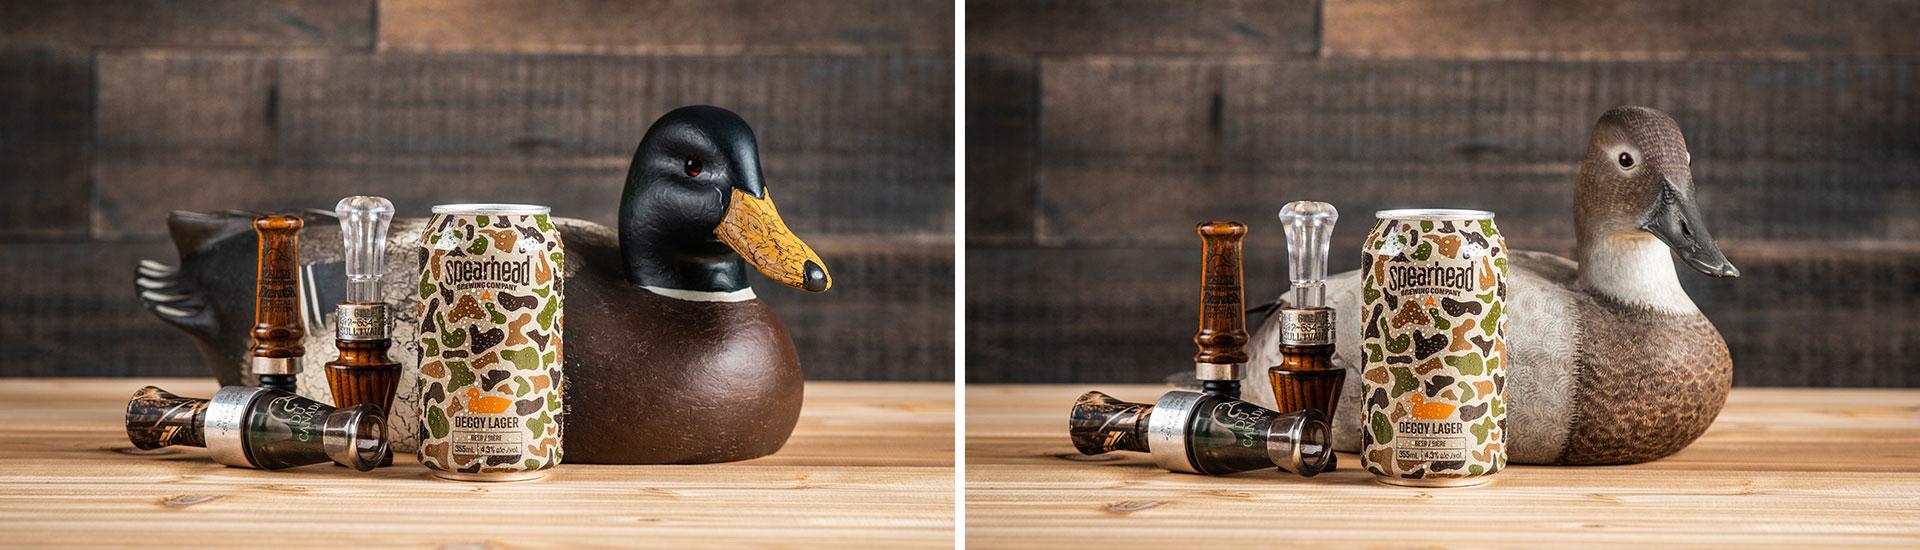 decoy-image-ducks-4